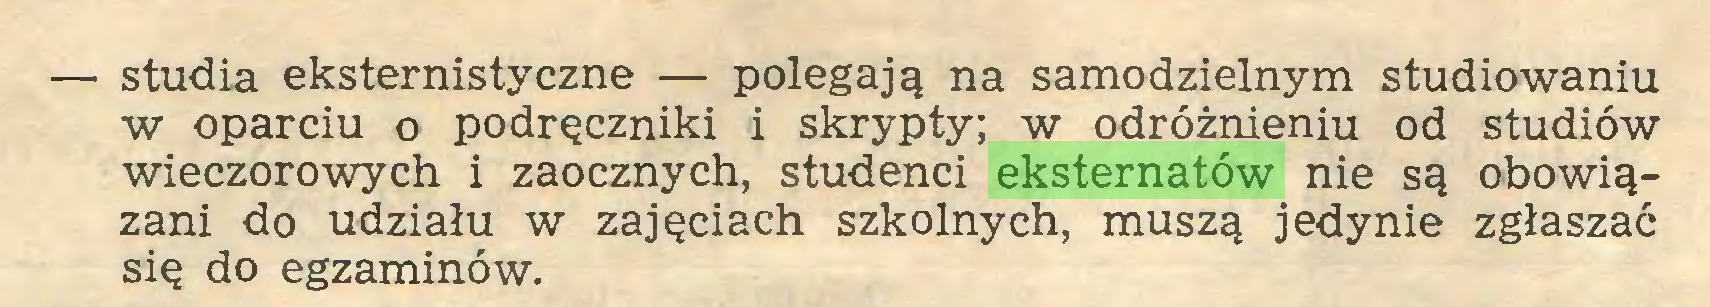 (...) — studia eksternistyczne — polegają na samodzielnym studiowaniu w oparciu o podręczniki i skrypty; w odróżnieniu od studiów wieczorowych i zaocznych, studenci eksternatów nie są obowiązani do udziału w zajęciach szkolnych, muszą jedynie zgłaszać się do egzaminów...